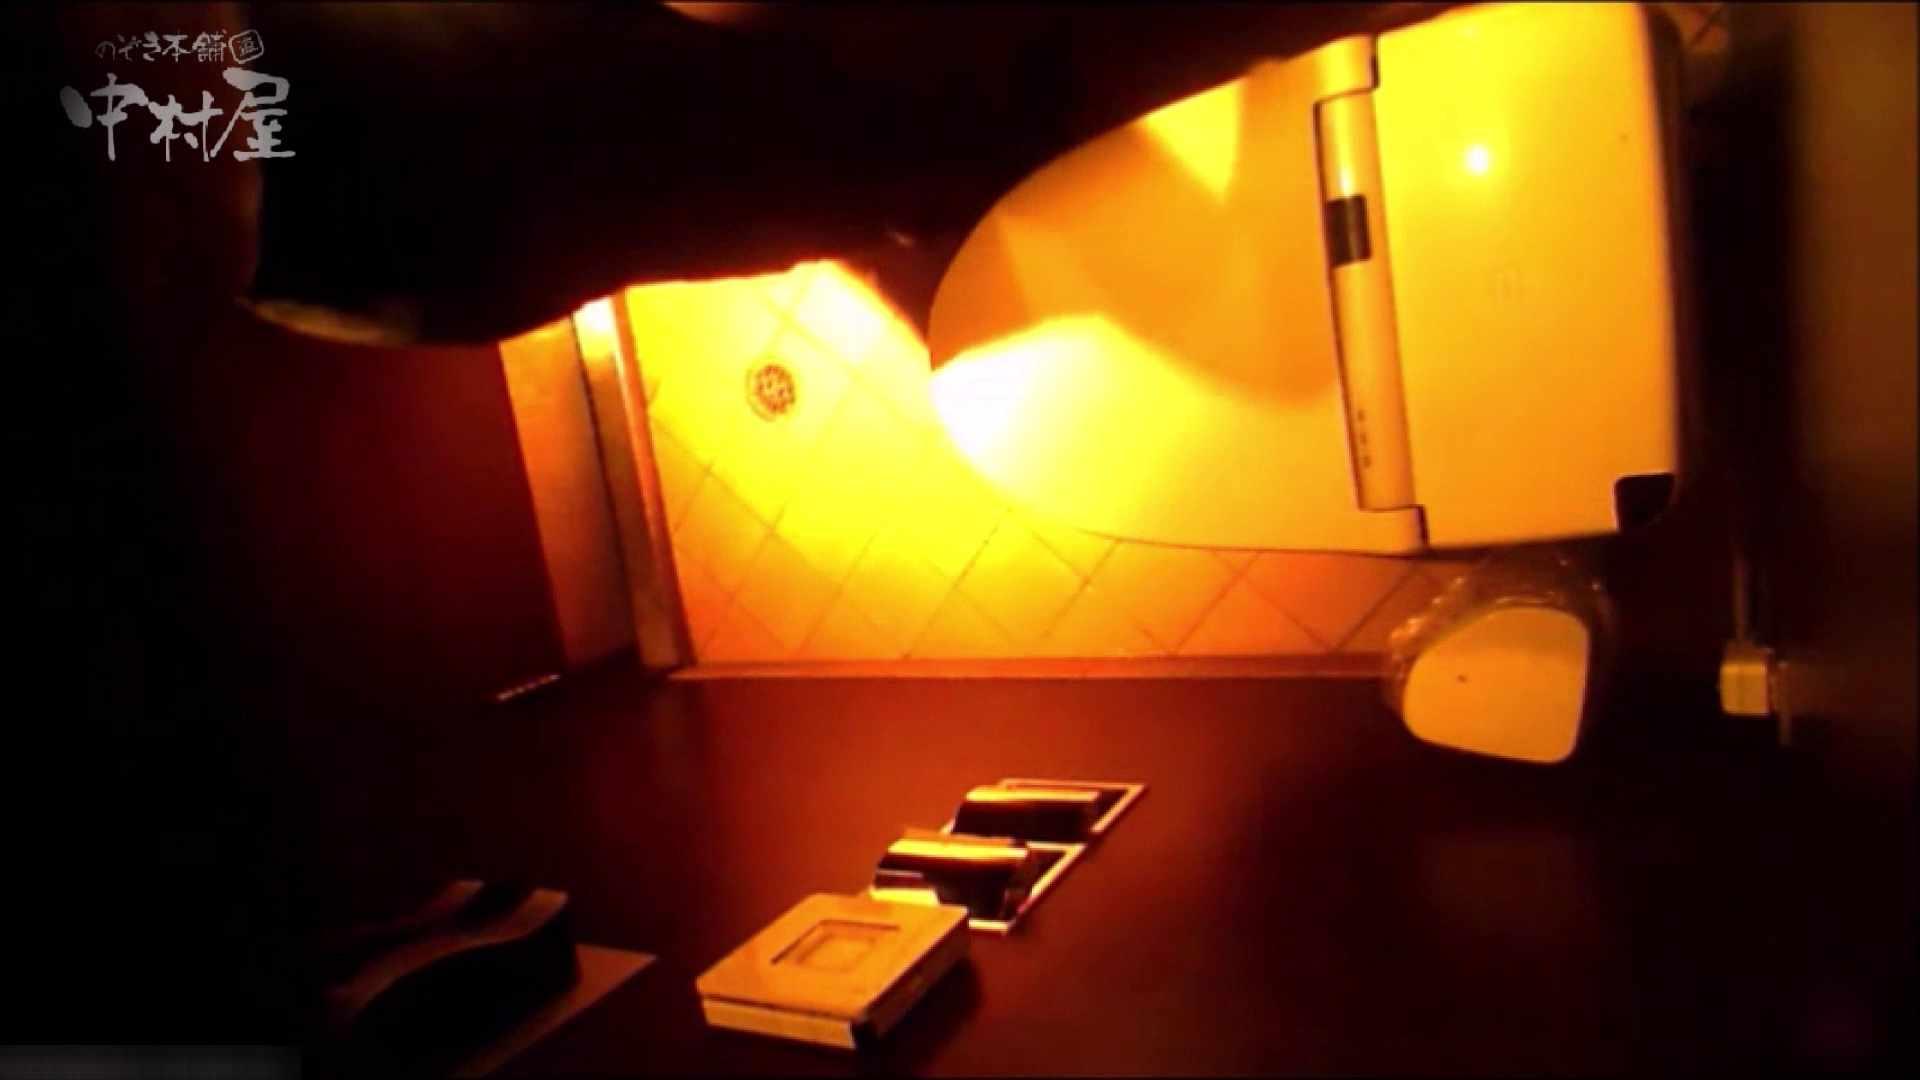 女子トイレ盗撮~某ファミレス編~vol.25 OLエロ画像 盗み撮りAV無料動画キャプチャ 112PICs 47